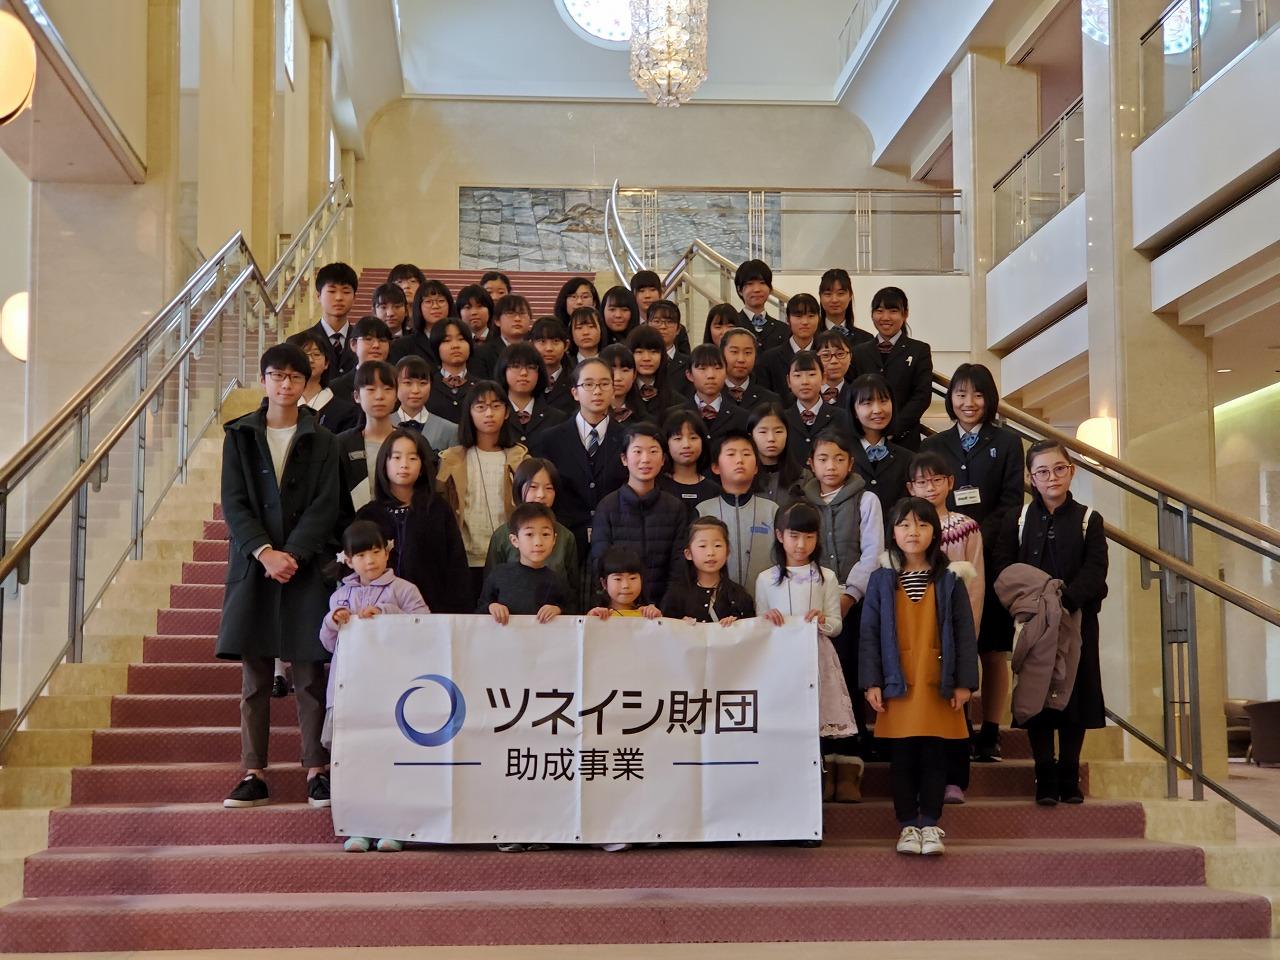 ツネイシ財団 広島交響楽団第26回福山定期演奏会リハーサル・バックステージツアーの開催を支援 ~地域の小中高校生50人が参加~